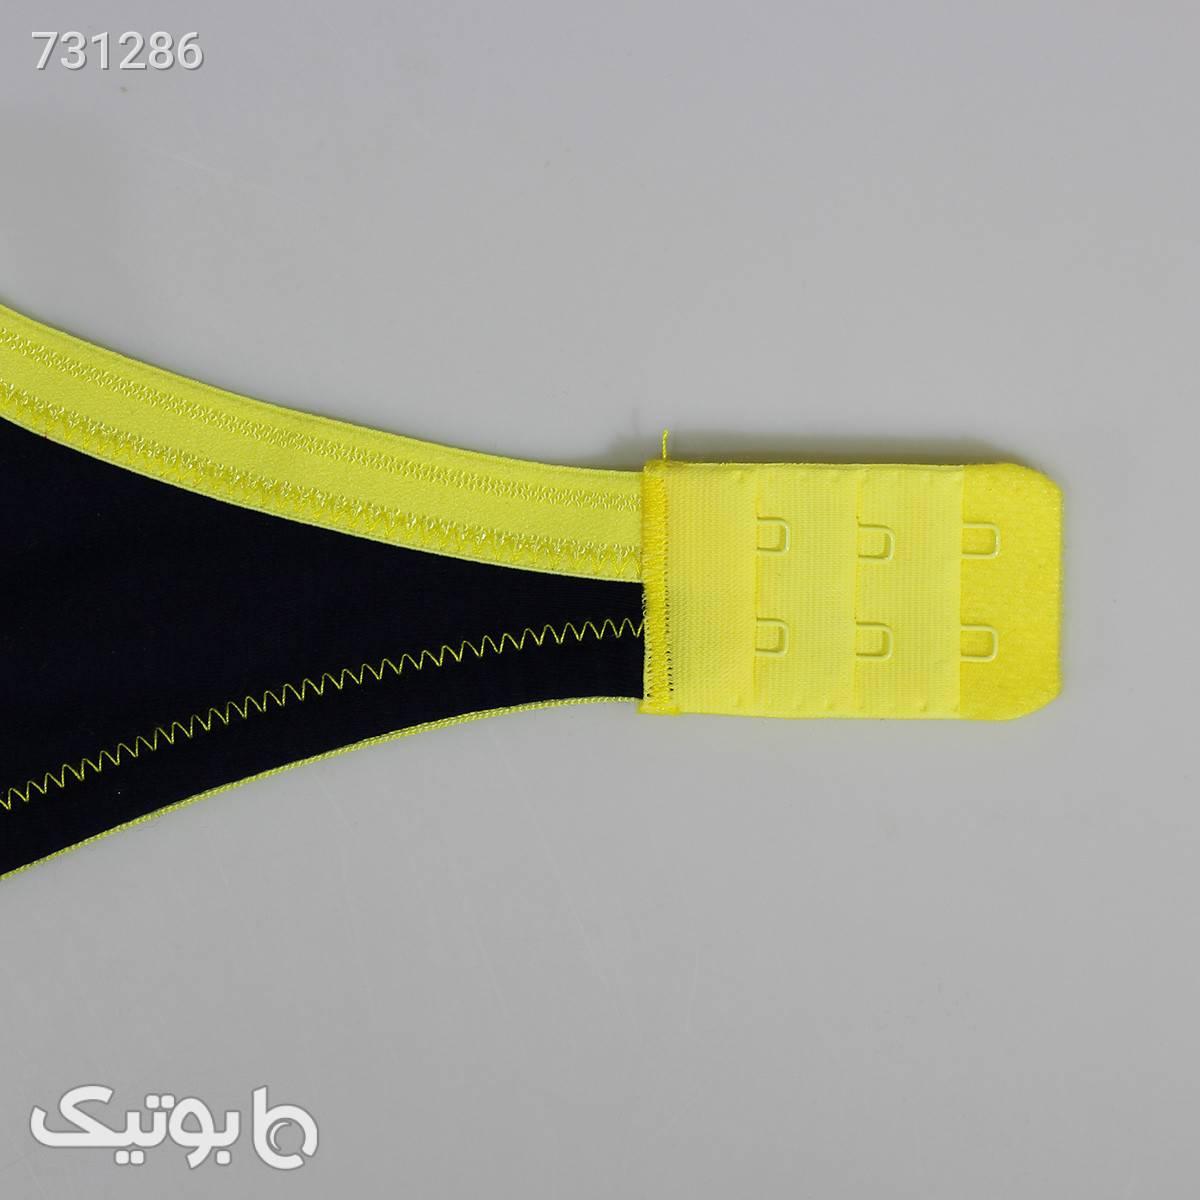 ست نخی راحتی زرد سرمه ای برند Torpheh مدل ۵۰۳ کدs3045 مشکی لباس زیر زنانه